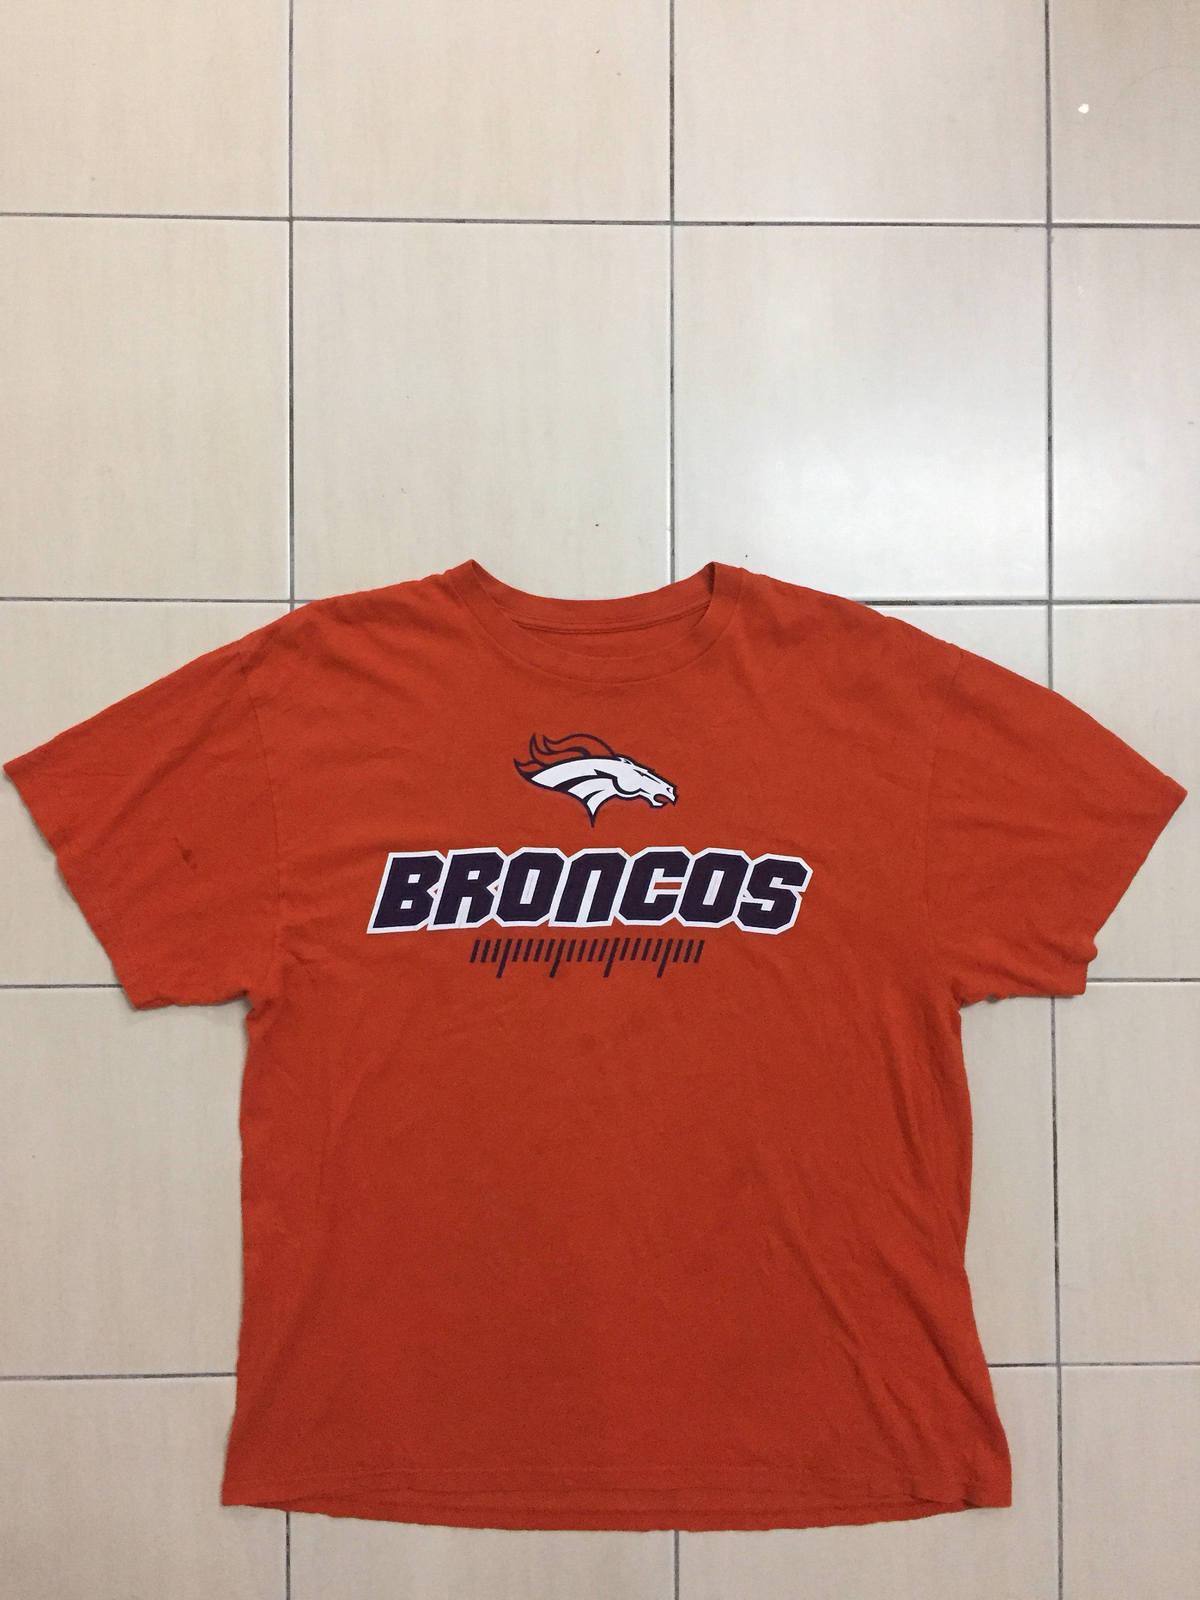 Vintage Denver Broncos NFL Football Shirt Team Apparel Big Logo Sportware  Sport cbacc31b5